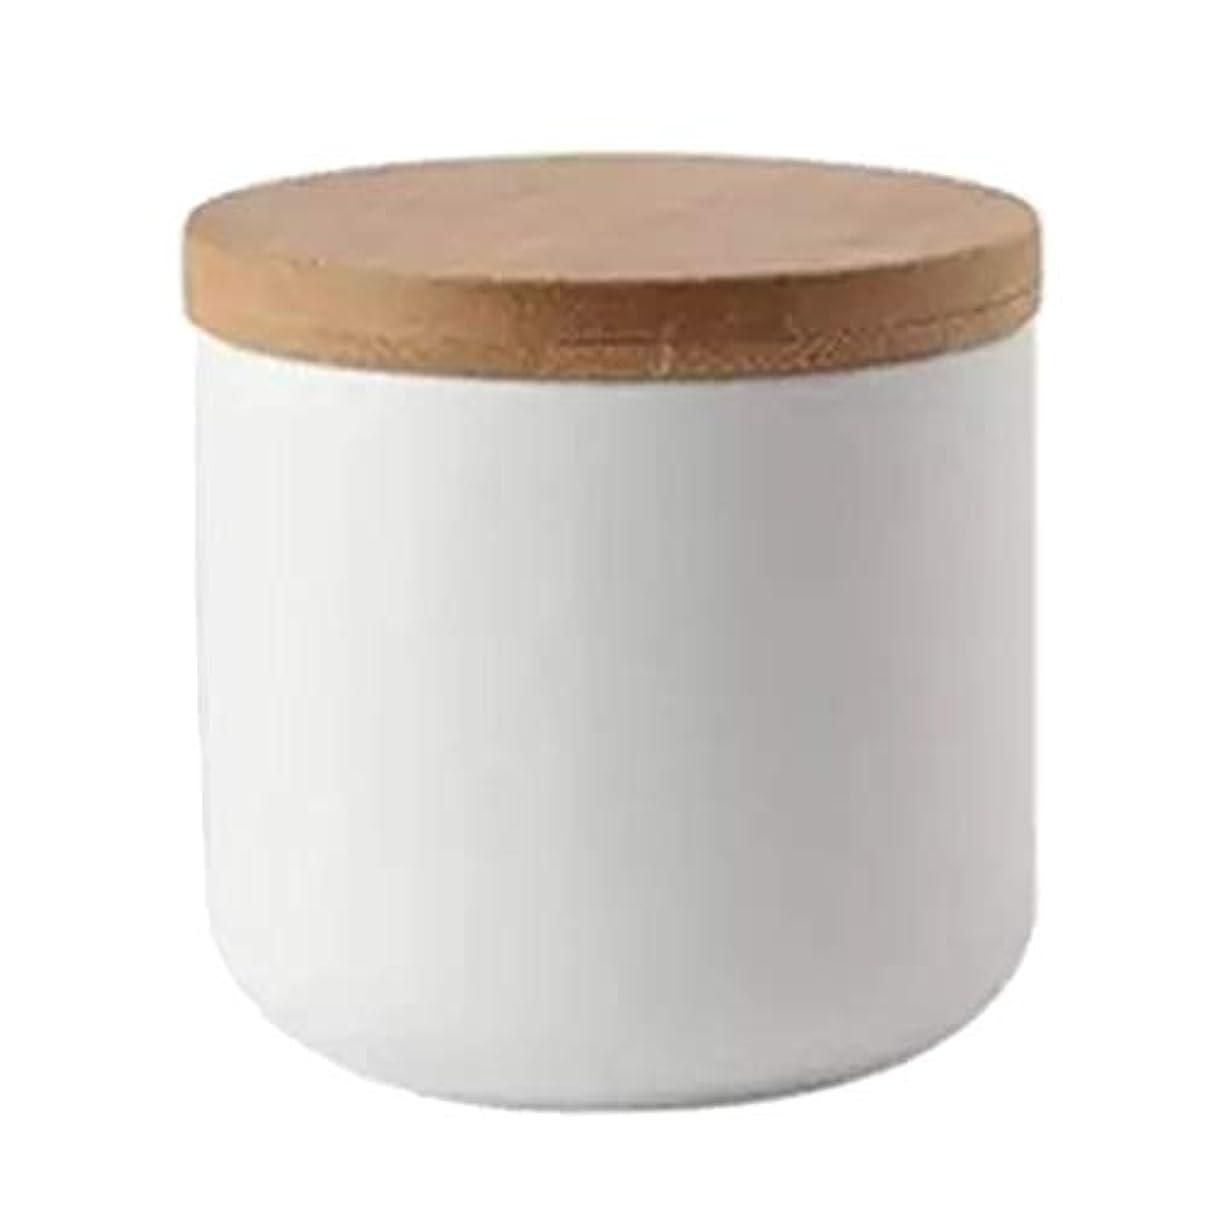 放射する何か算術化粧品ポット 収納 ボウル ネイルアートリムーバー アルコール ネイルリキッド パウダー コンテナ 全2色 - 白い